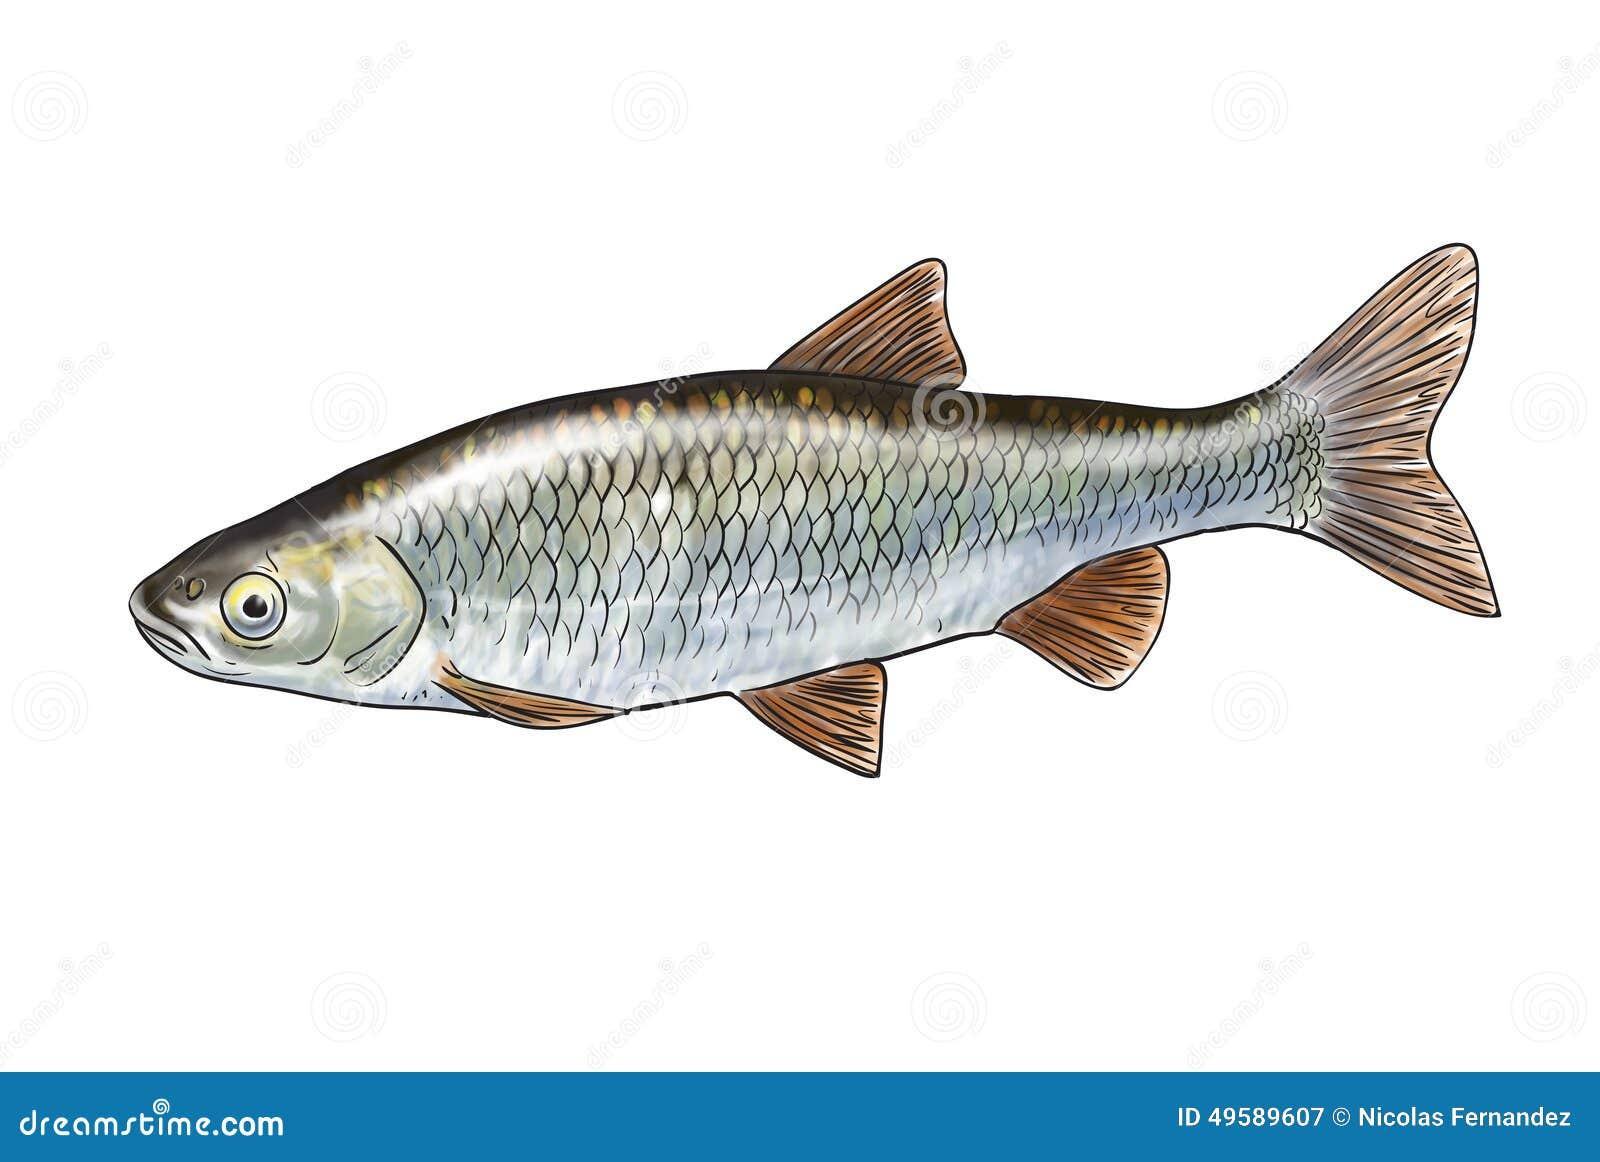 Pesci del fiume illustrazione di stock immagine 49589607 for Pesci di fiume